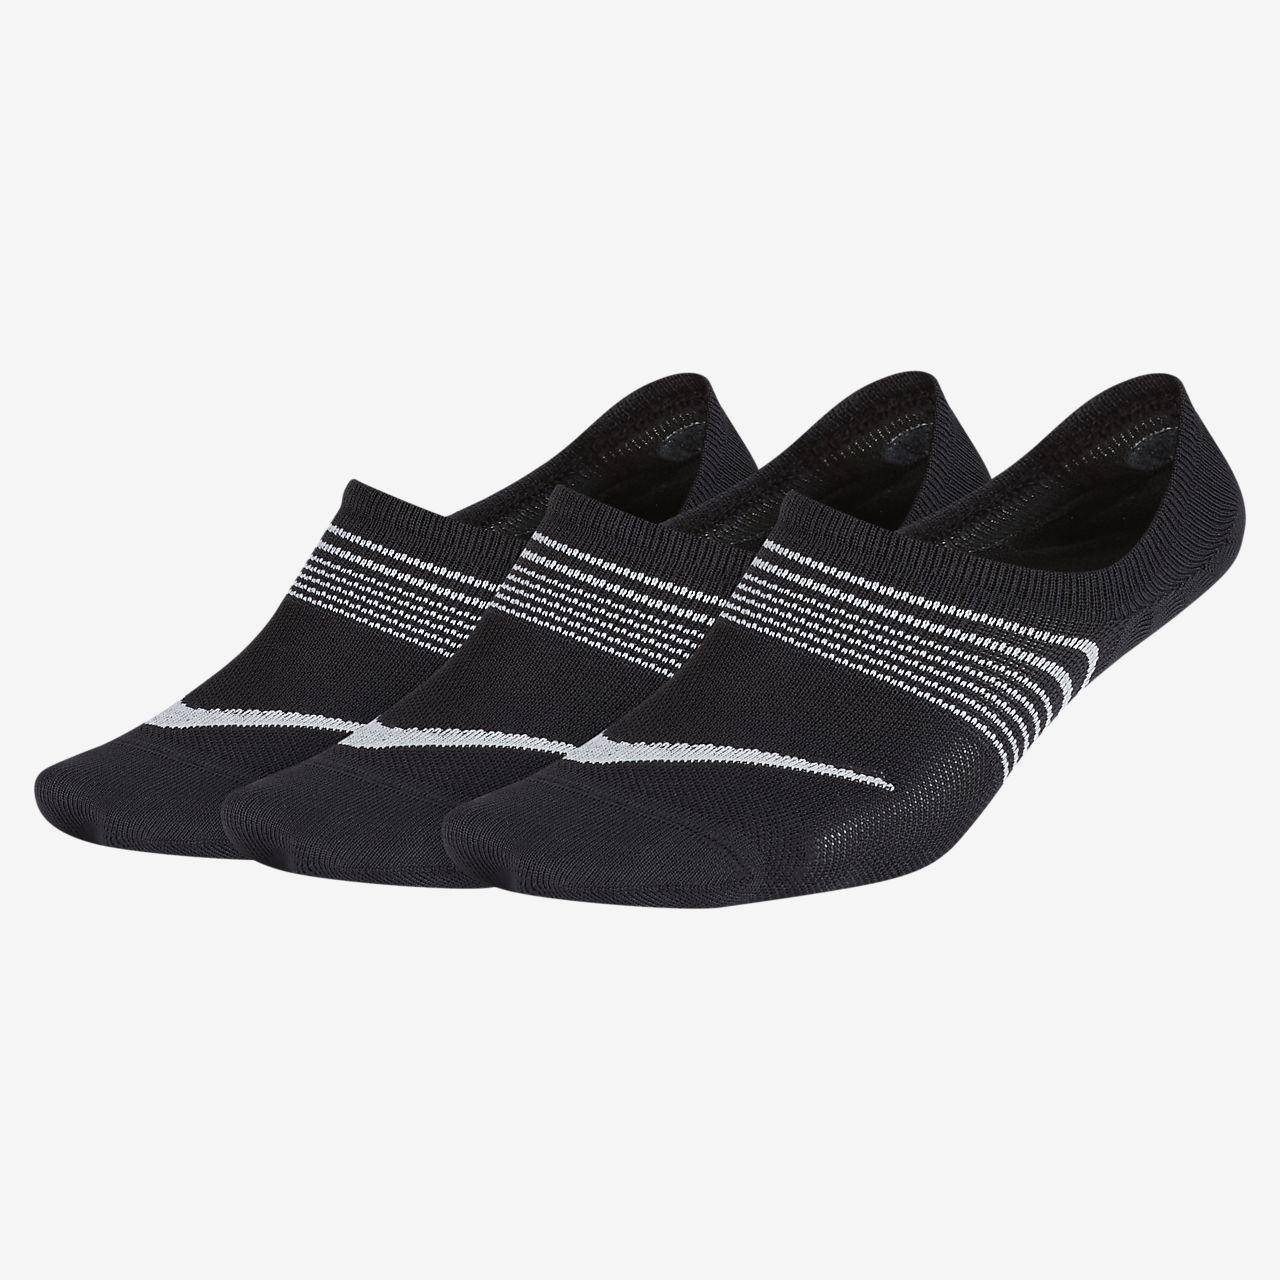 Nike Everyday Lightweight Çocuk Çorapları (3 Çift)